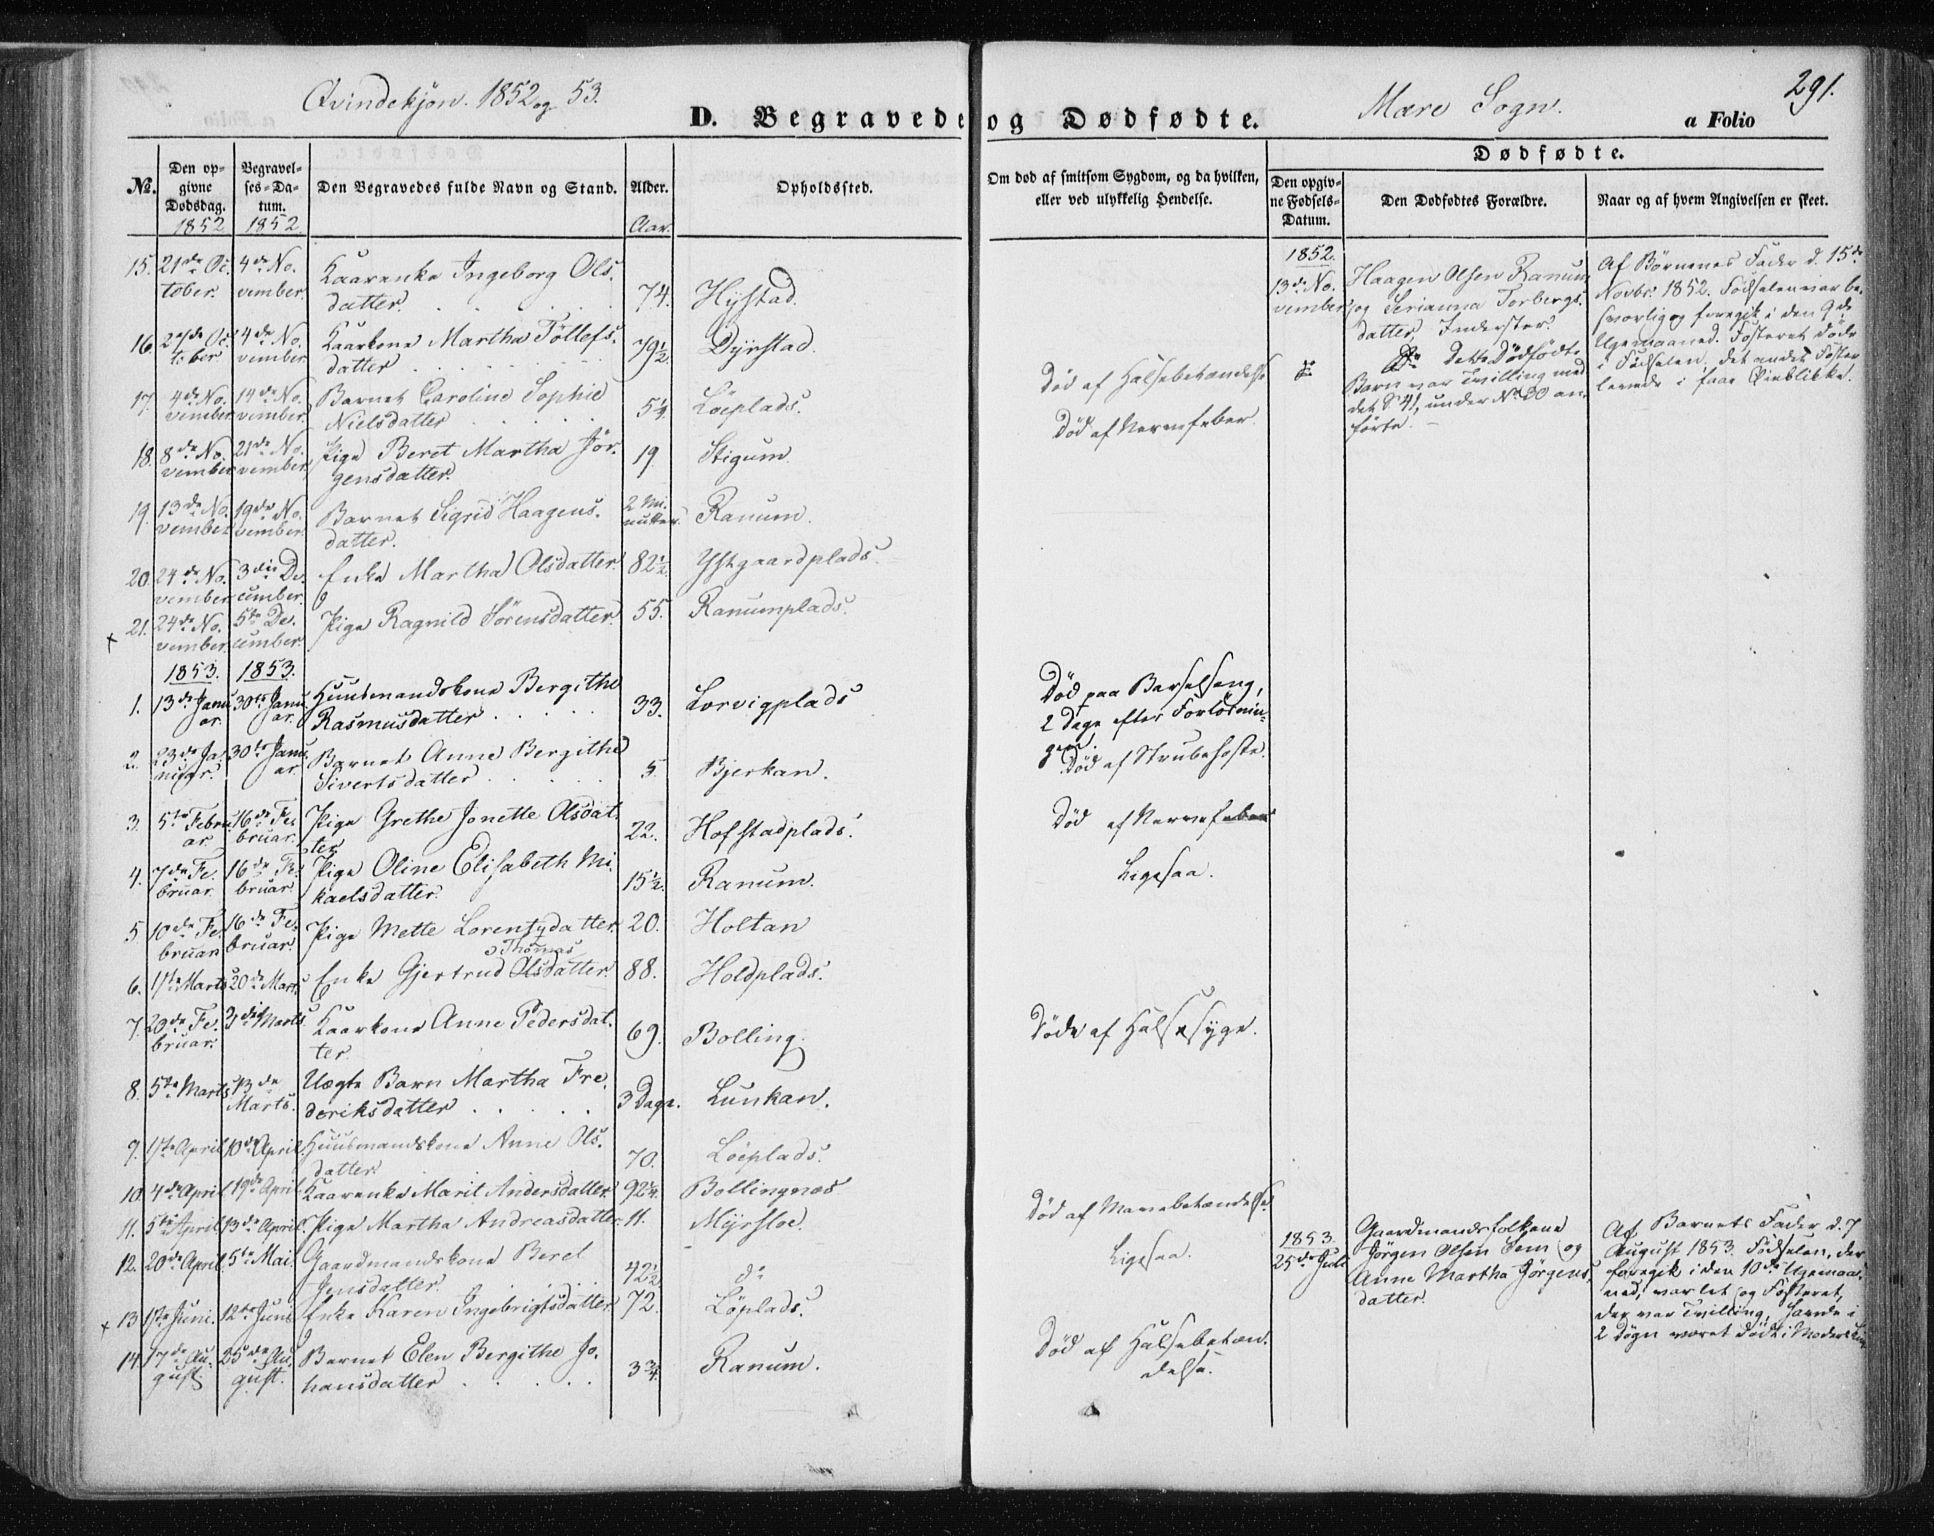 SAT, Ministerialprotokoller, klokkerbøker og fødselsregistre - Nord-Trøndelag, 735/L0342: Ministerialbok nr. 735A07 /1, 1849-1862, s. 291